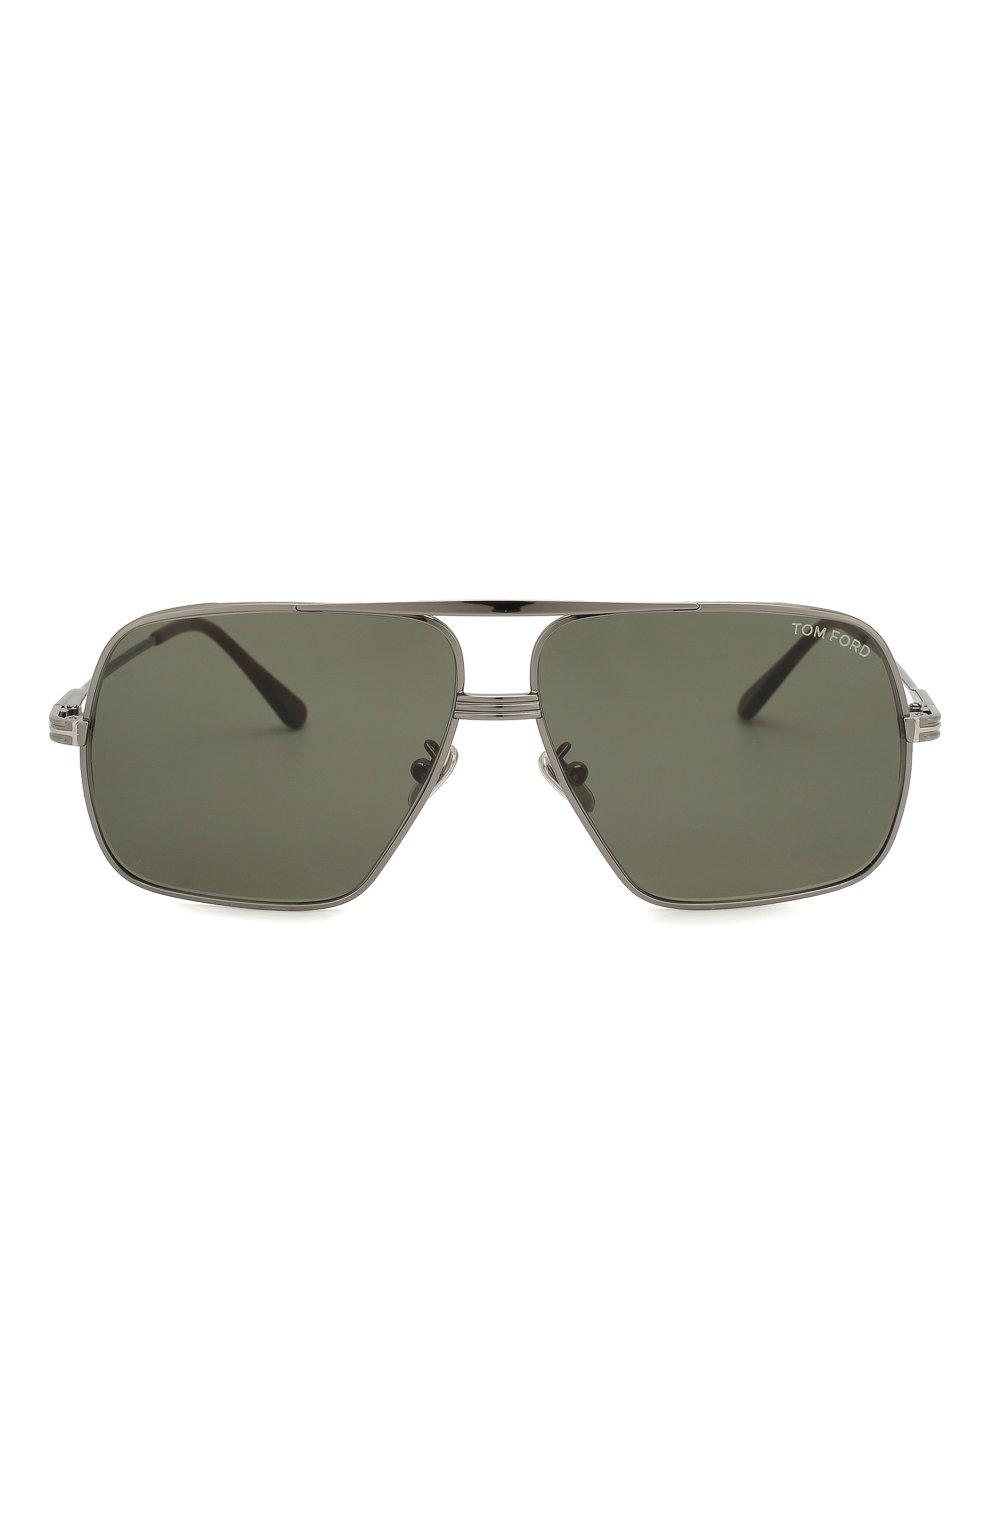 Мужские солнцезащитные очки TOM FORD темно-серого цвета, арт. TF735-H 12N   Фото 2